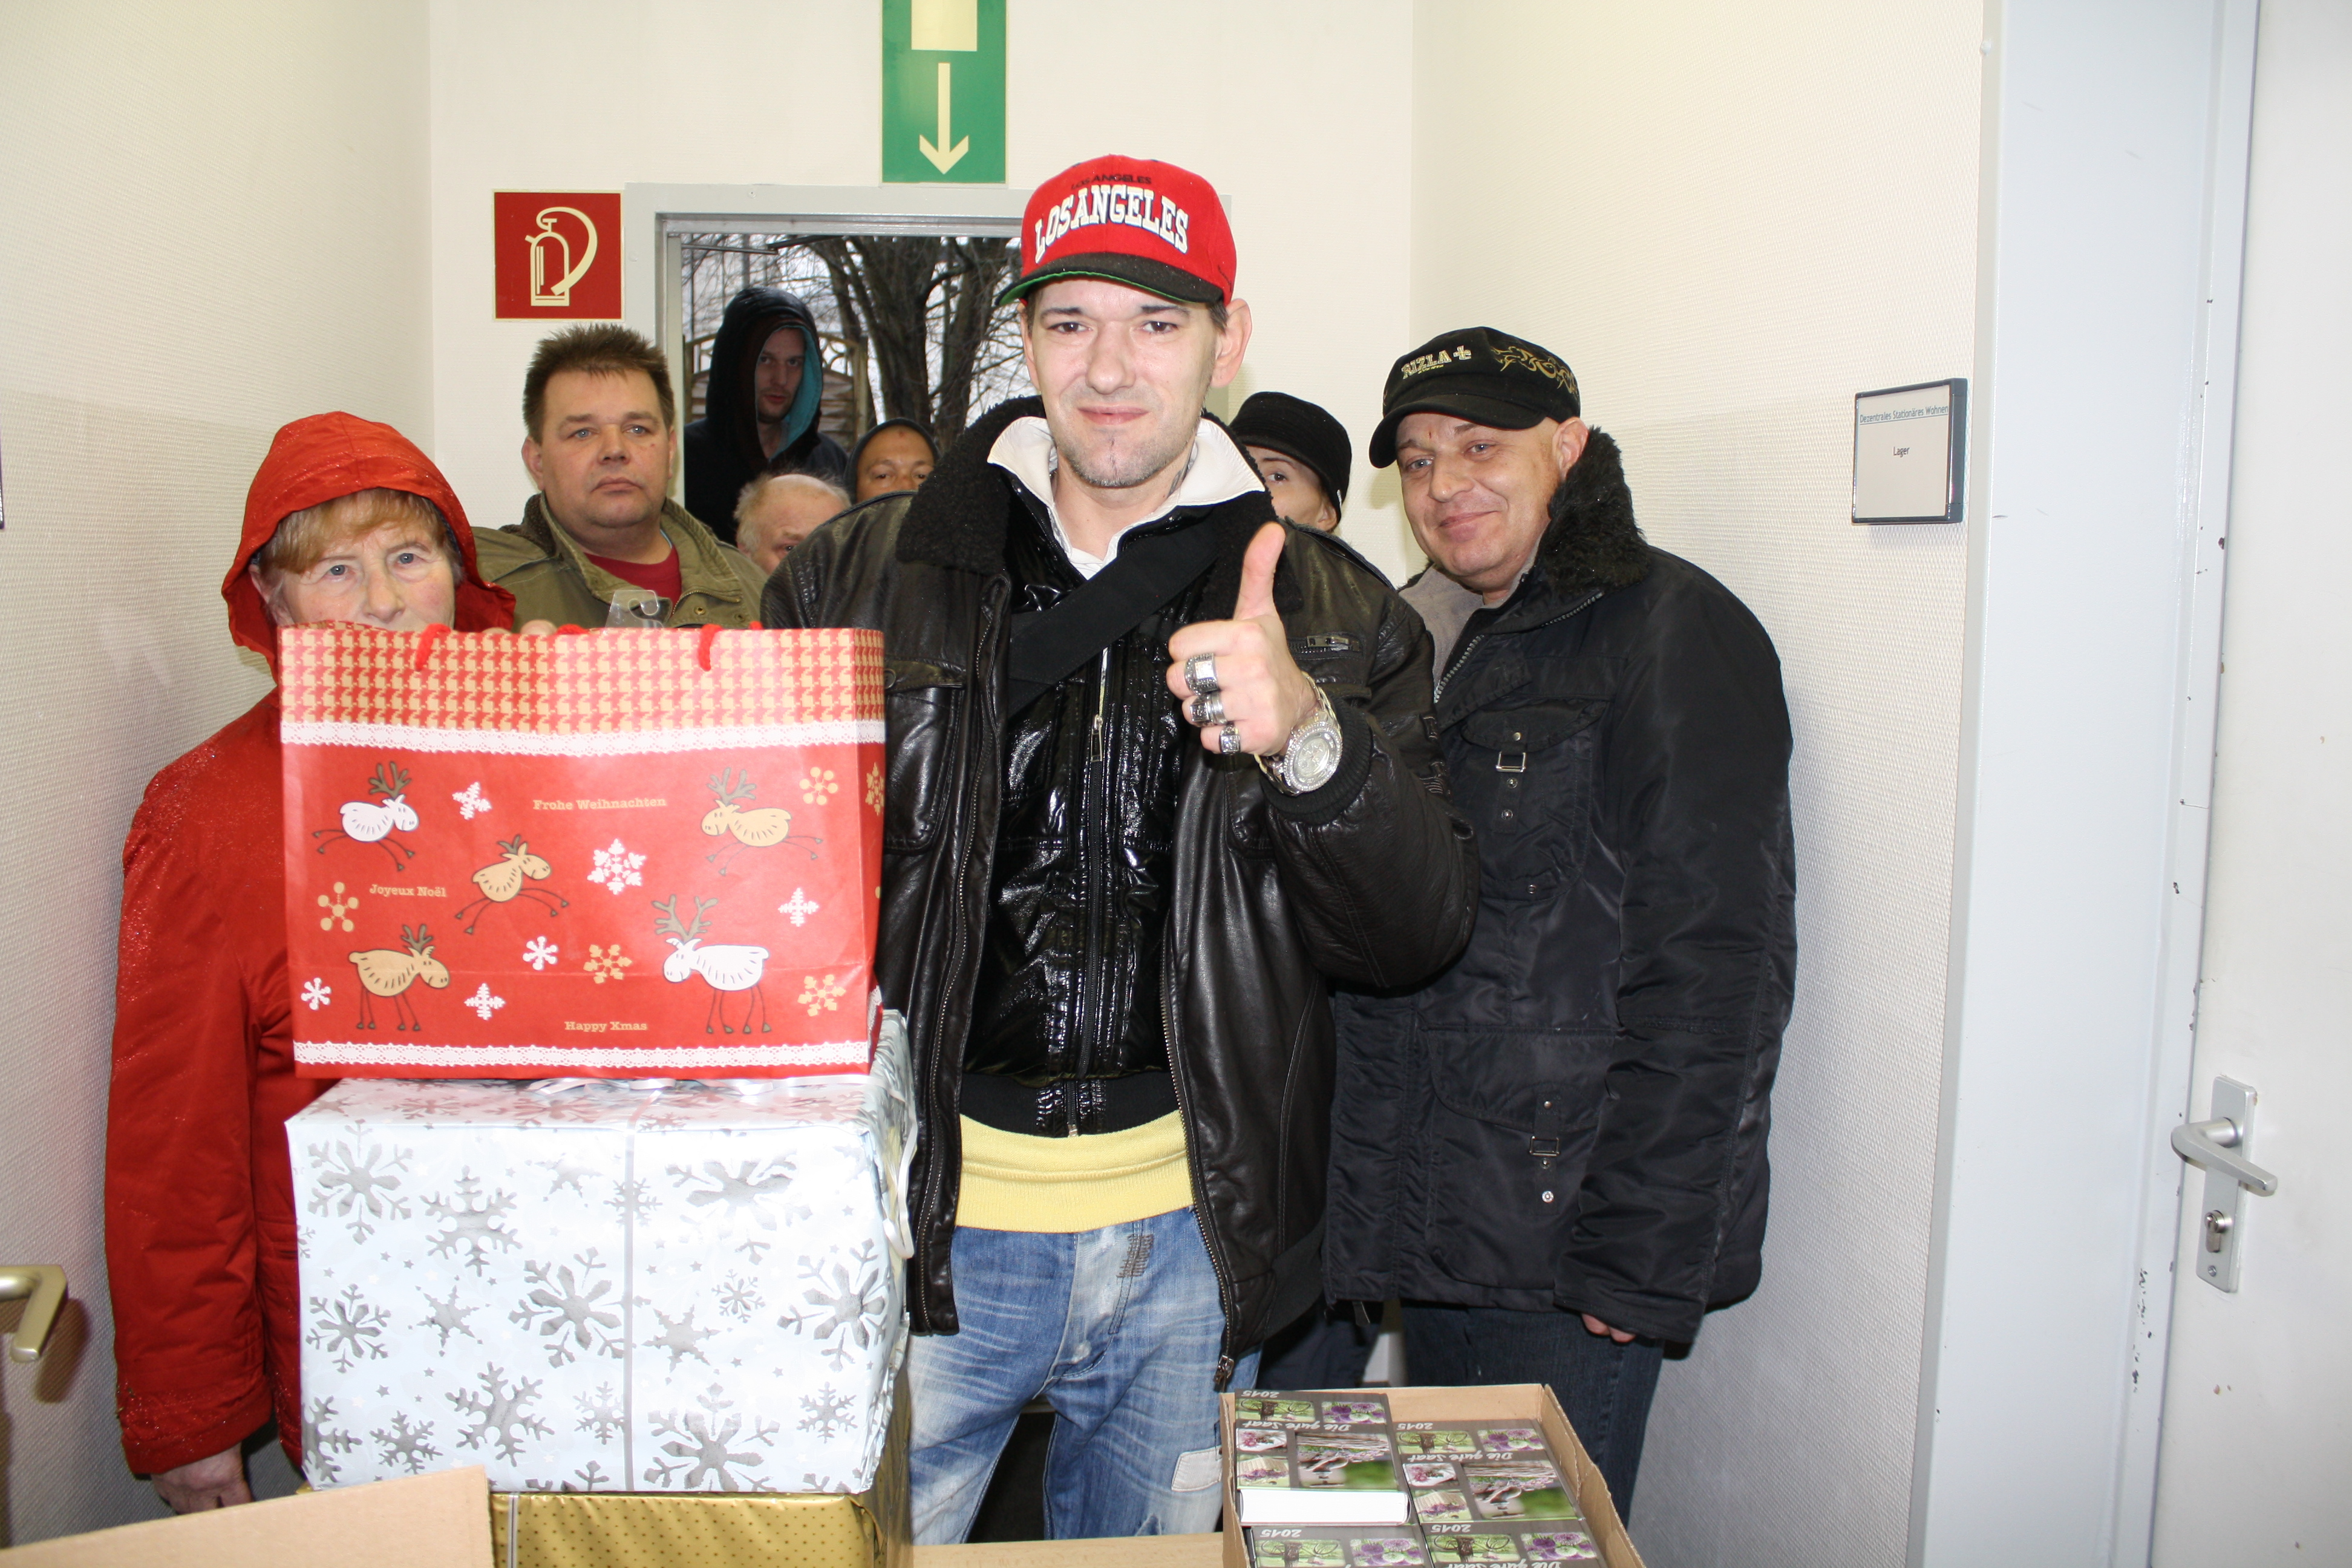 Weihnachten Armut Café Patchwork Siegen Spenden Wohnungslos Obdachlos